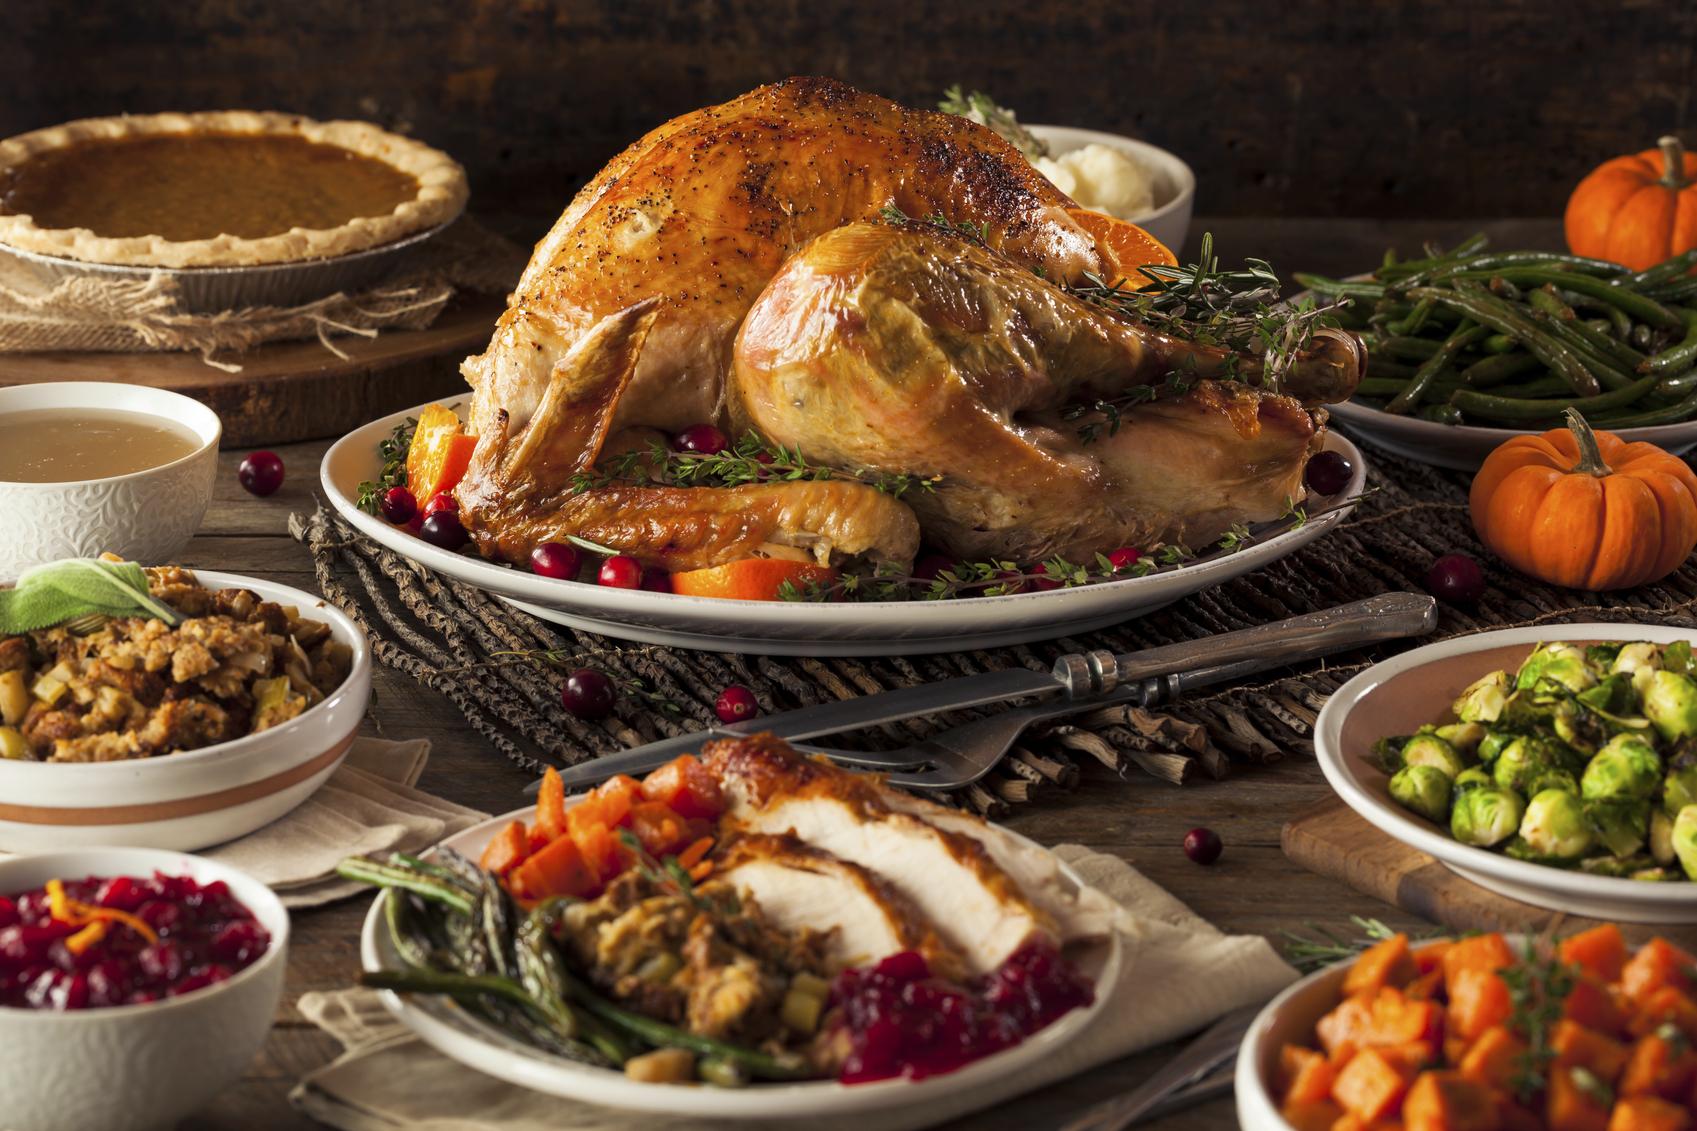 Li restaurants for thanksgiving dinner 2017 long island for Restaurants serving thanksgiving dinner 2017